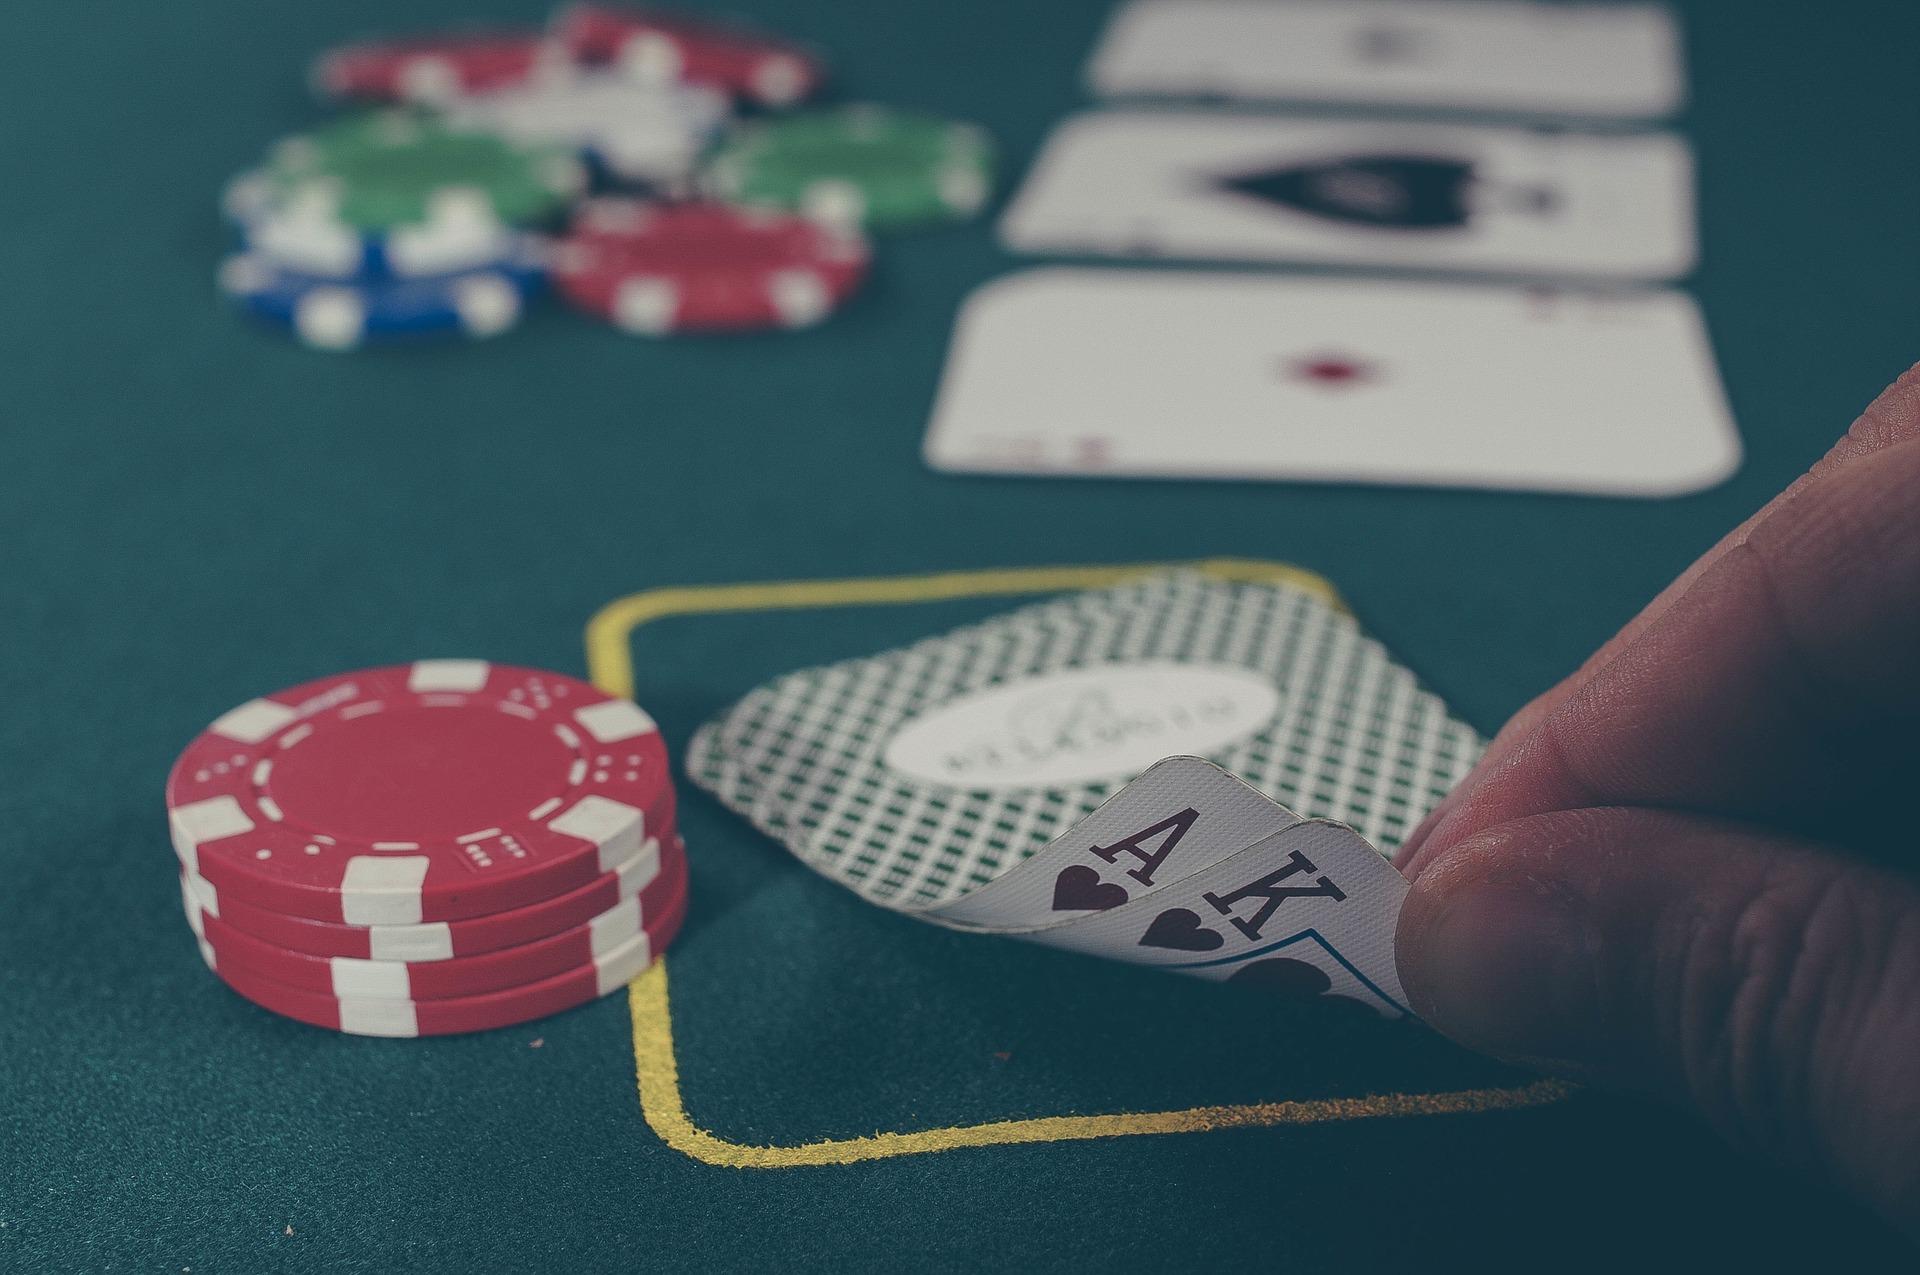 ISTRAGA O AGROKORU IDE U TRI ODVOJENA SMJERA Moguća nova uhićenja, novcem pokrivali i kockarske dugove